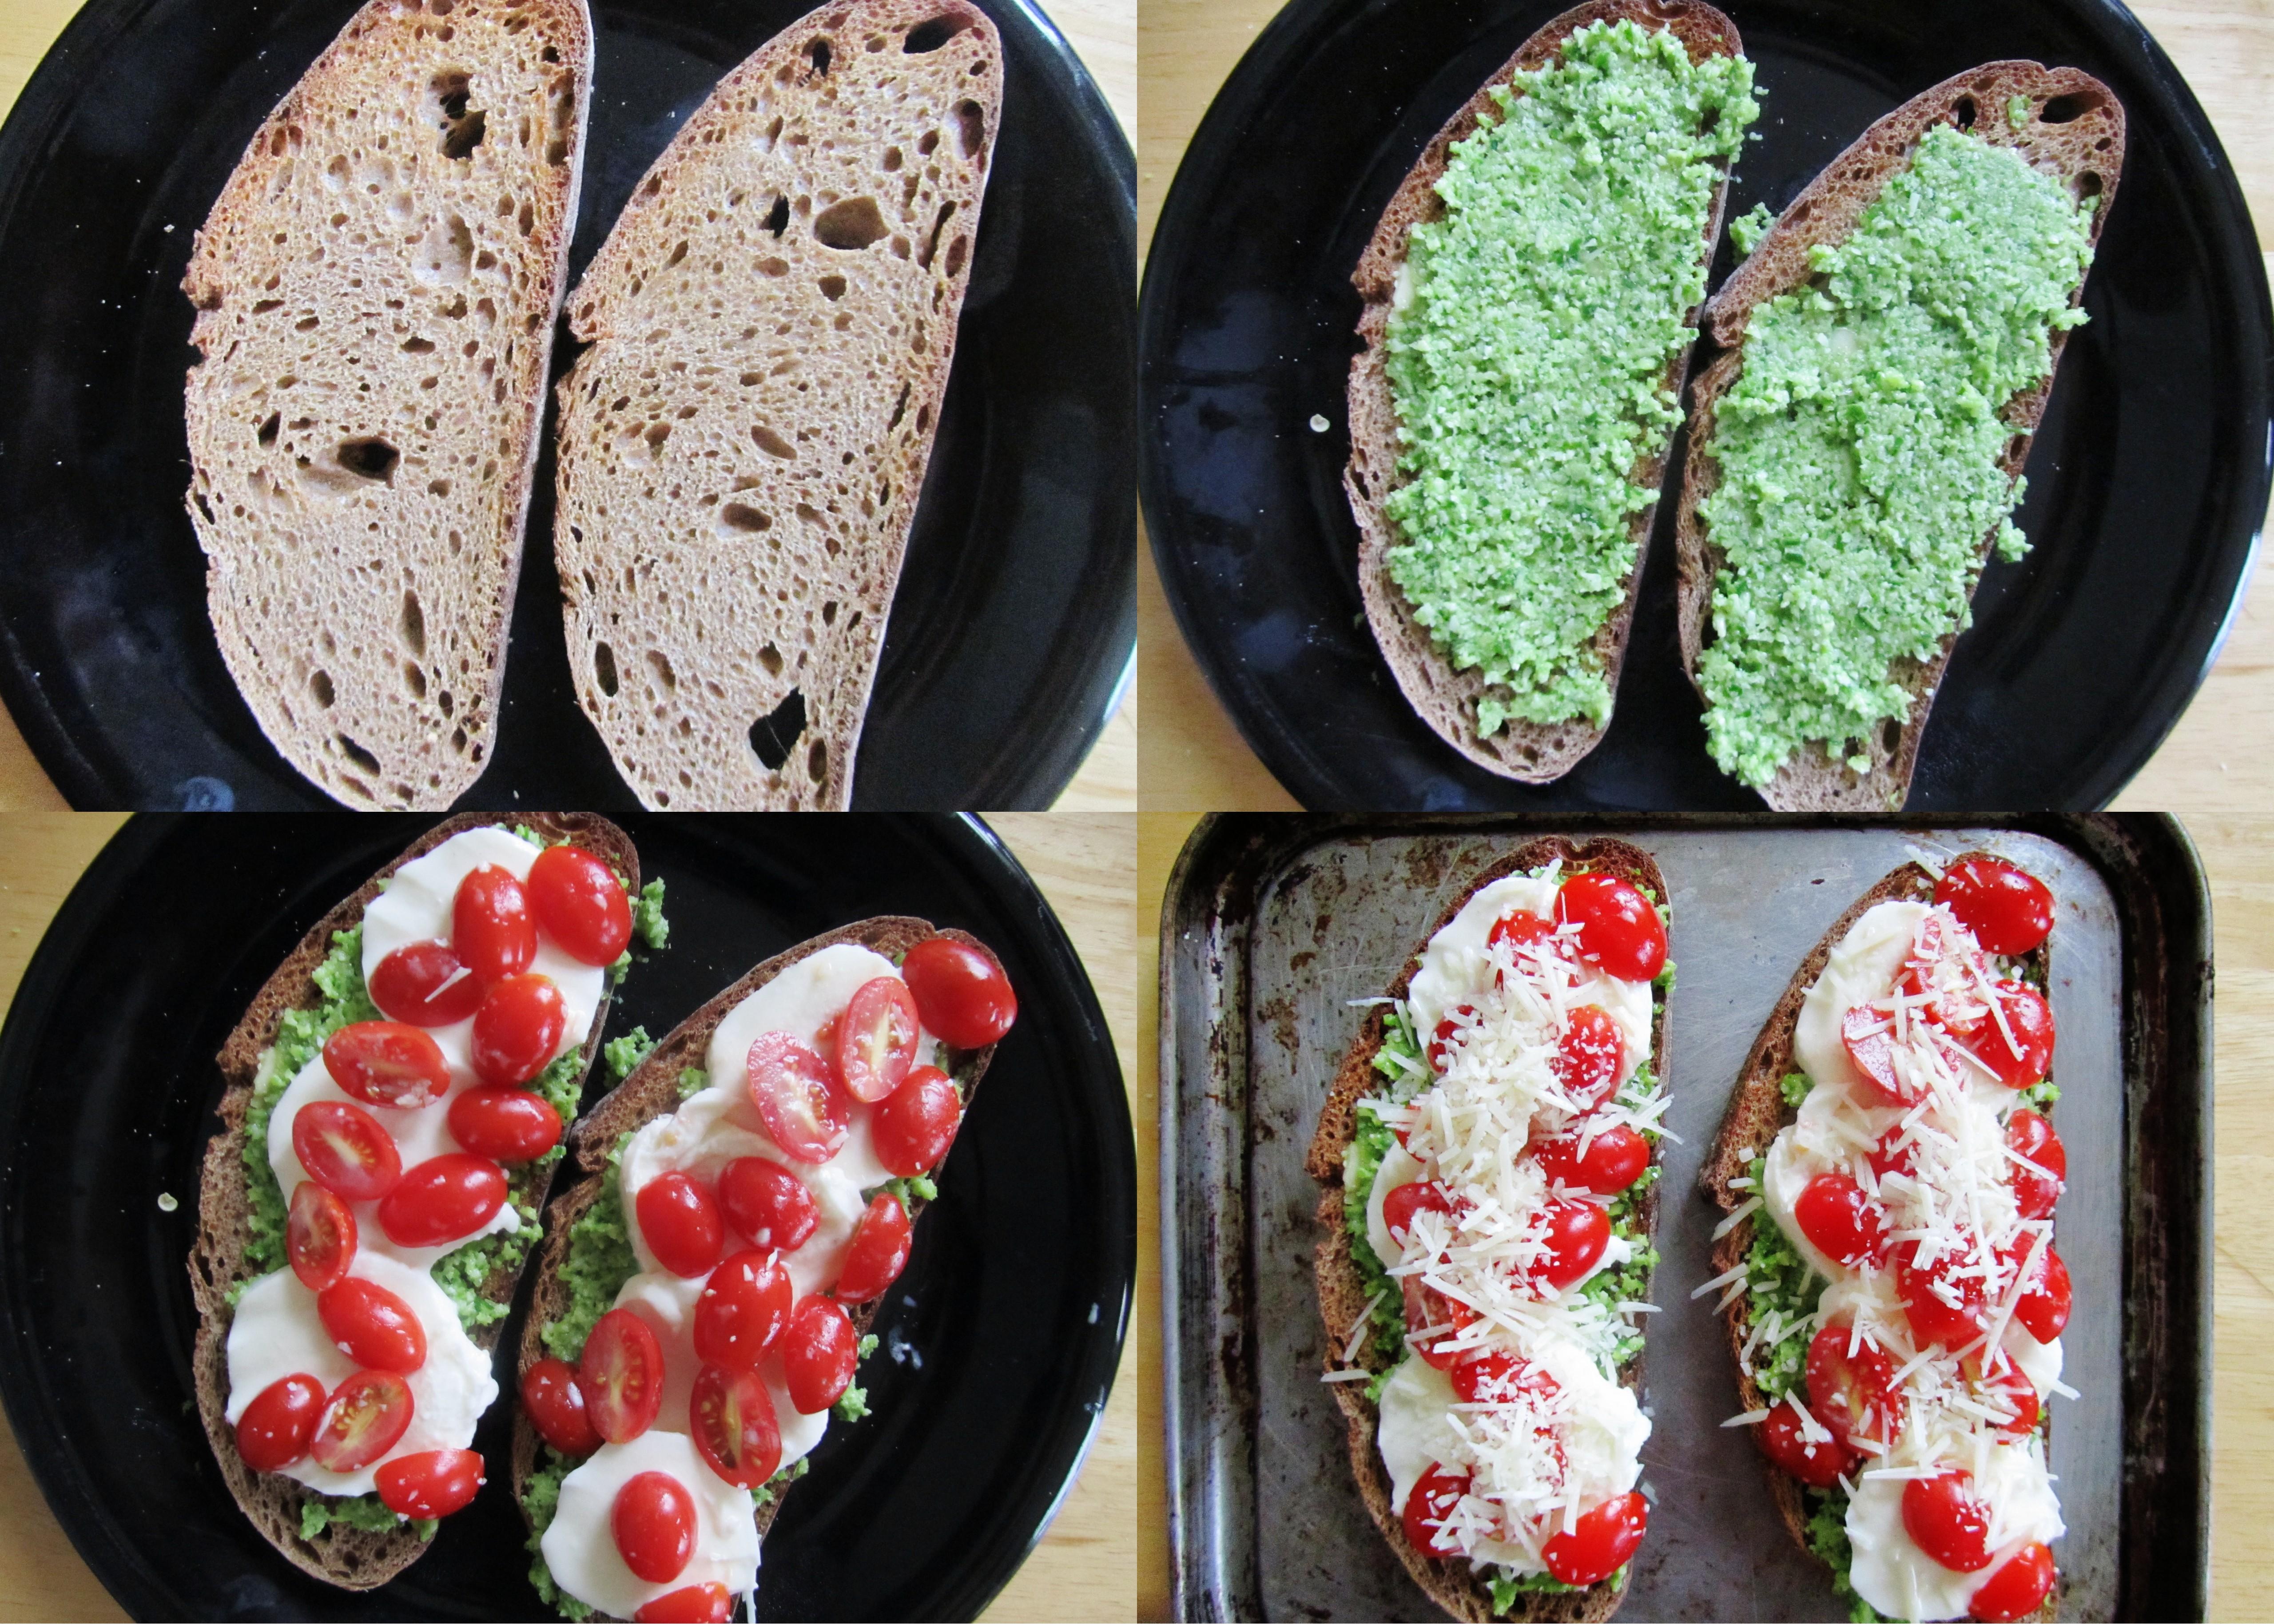 garlic scape pesto + pesto pizza sandwich | the sprout diaries